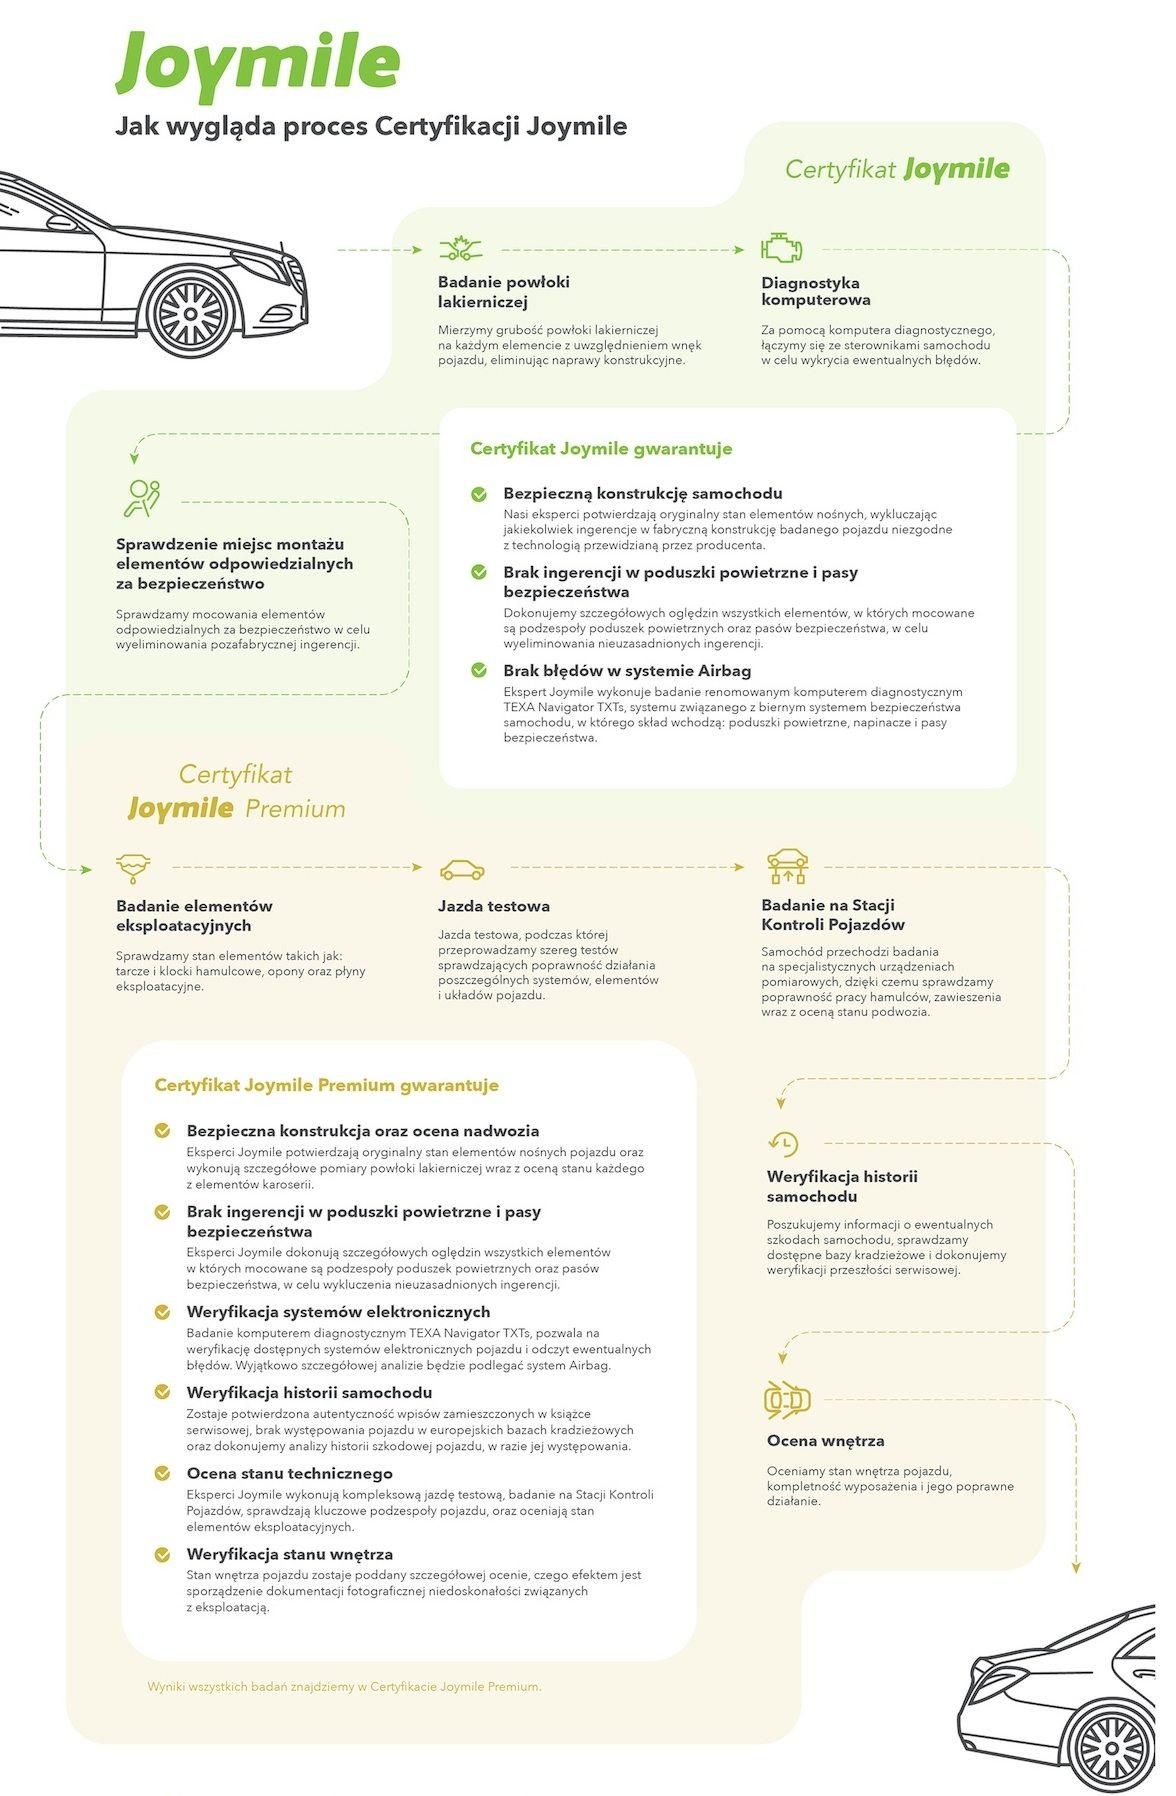 Joymile proces certyfikacji